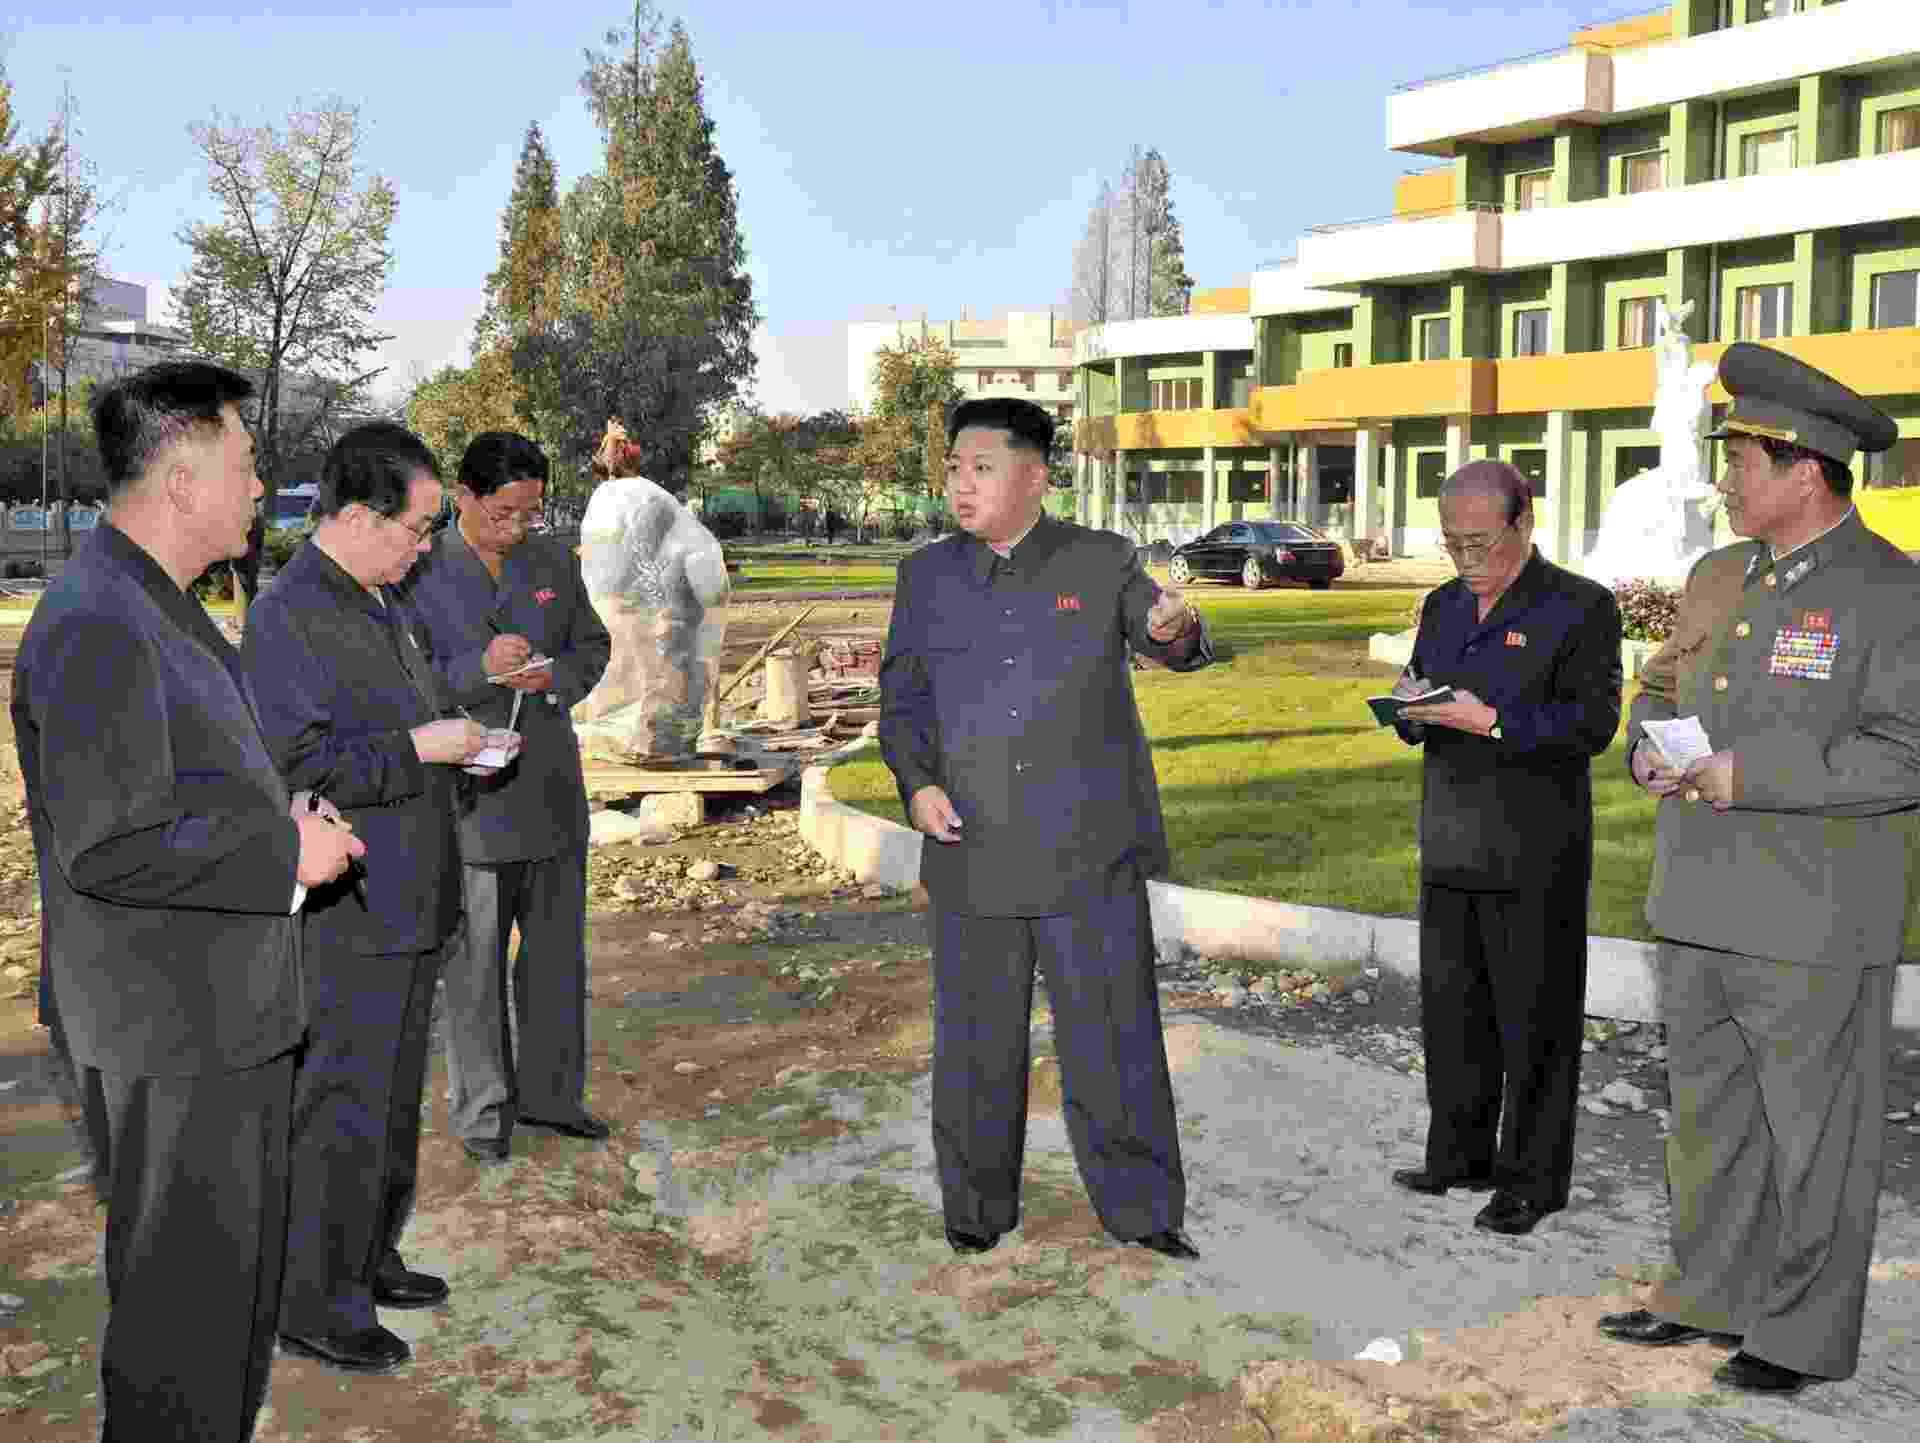 14.out.2013 - O presidente do país, Kim Jong-un, é acompanhado por outras autoridades norte-coreanas em uma visita a um hospital infantil em construção. Kim e seus auxiliares aparecem na área externa do local. A imagem foi divulgada pela KCNA no dia 6 de outubro - AFP